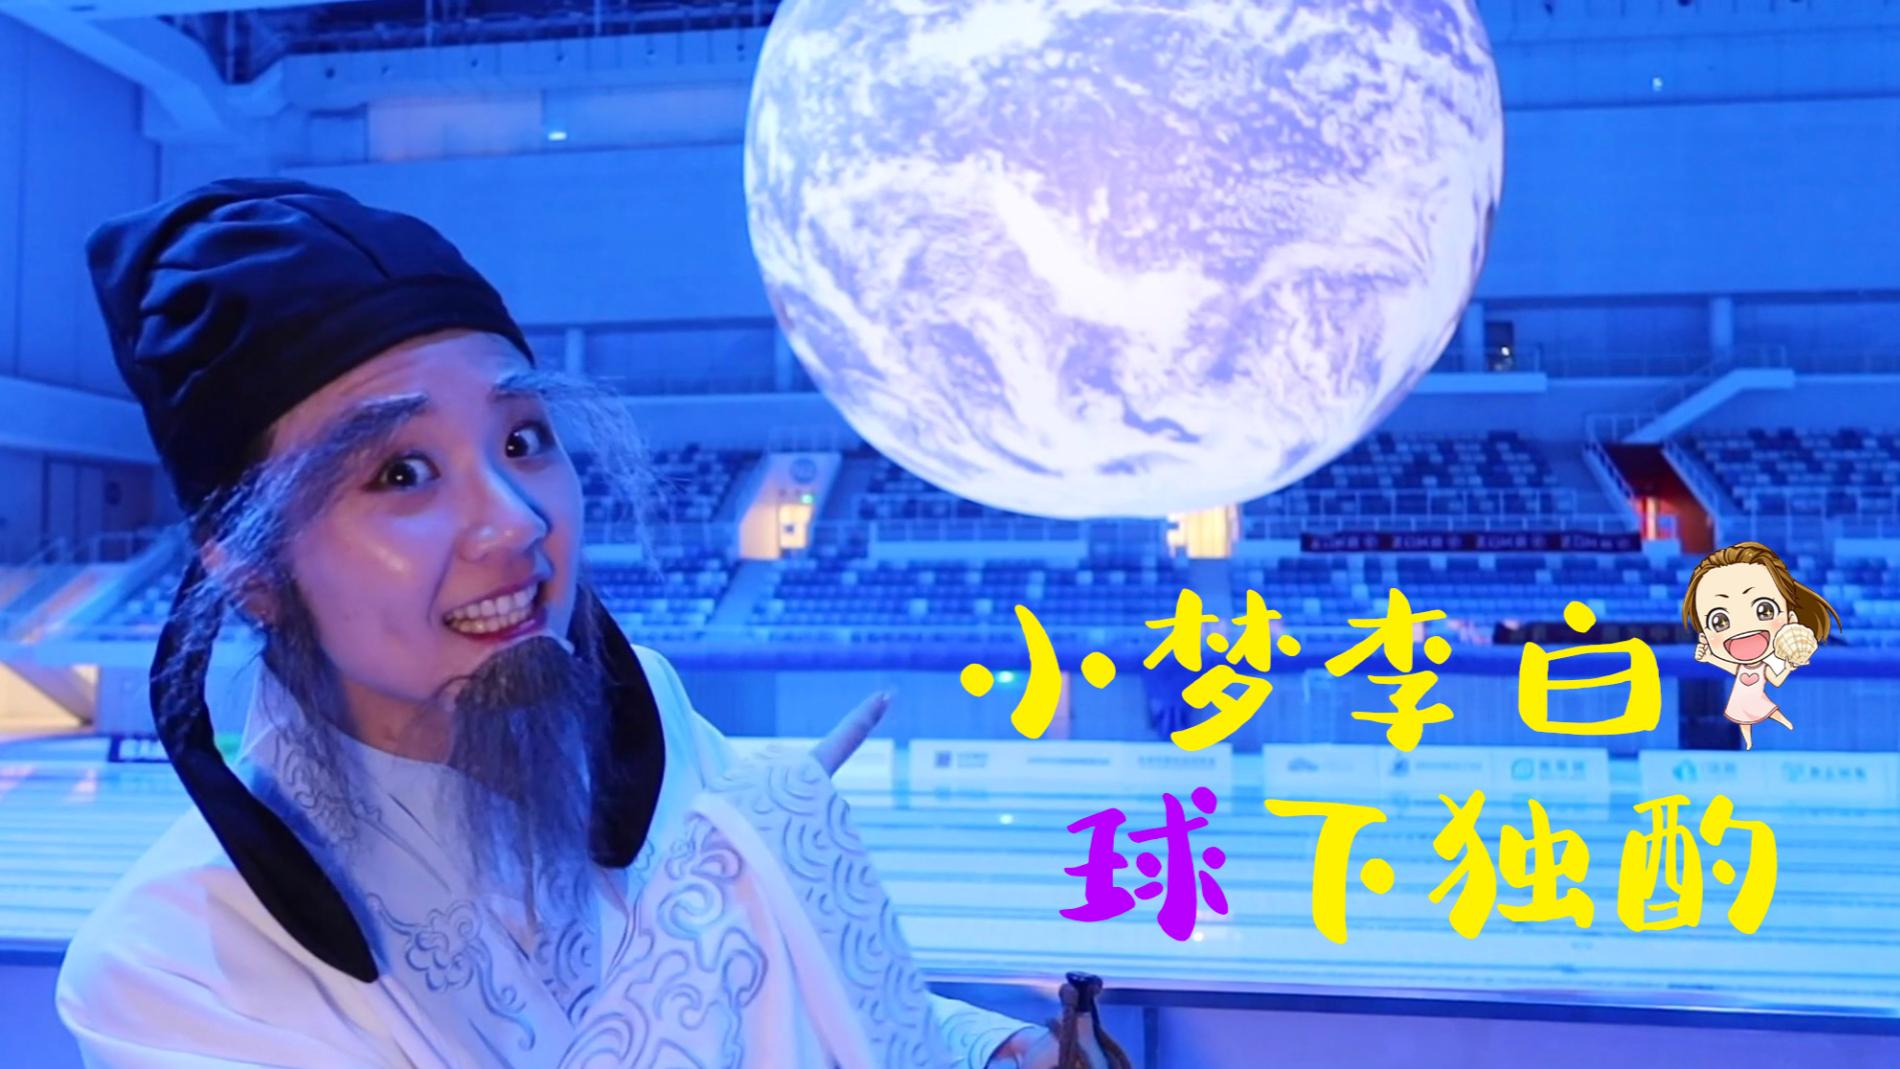 小梦帮倒忙Z!小梦李白潜入北京水立方!~举杯邀明球!~ 还要尝尝串串香和二锅头~